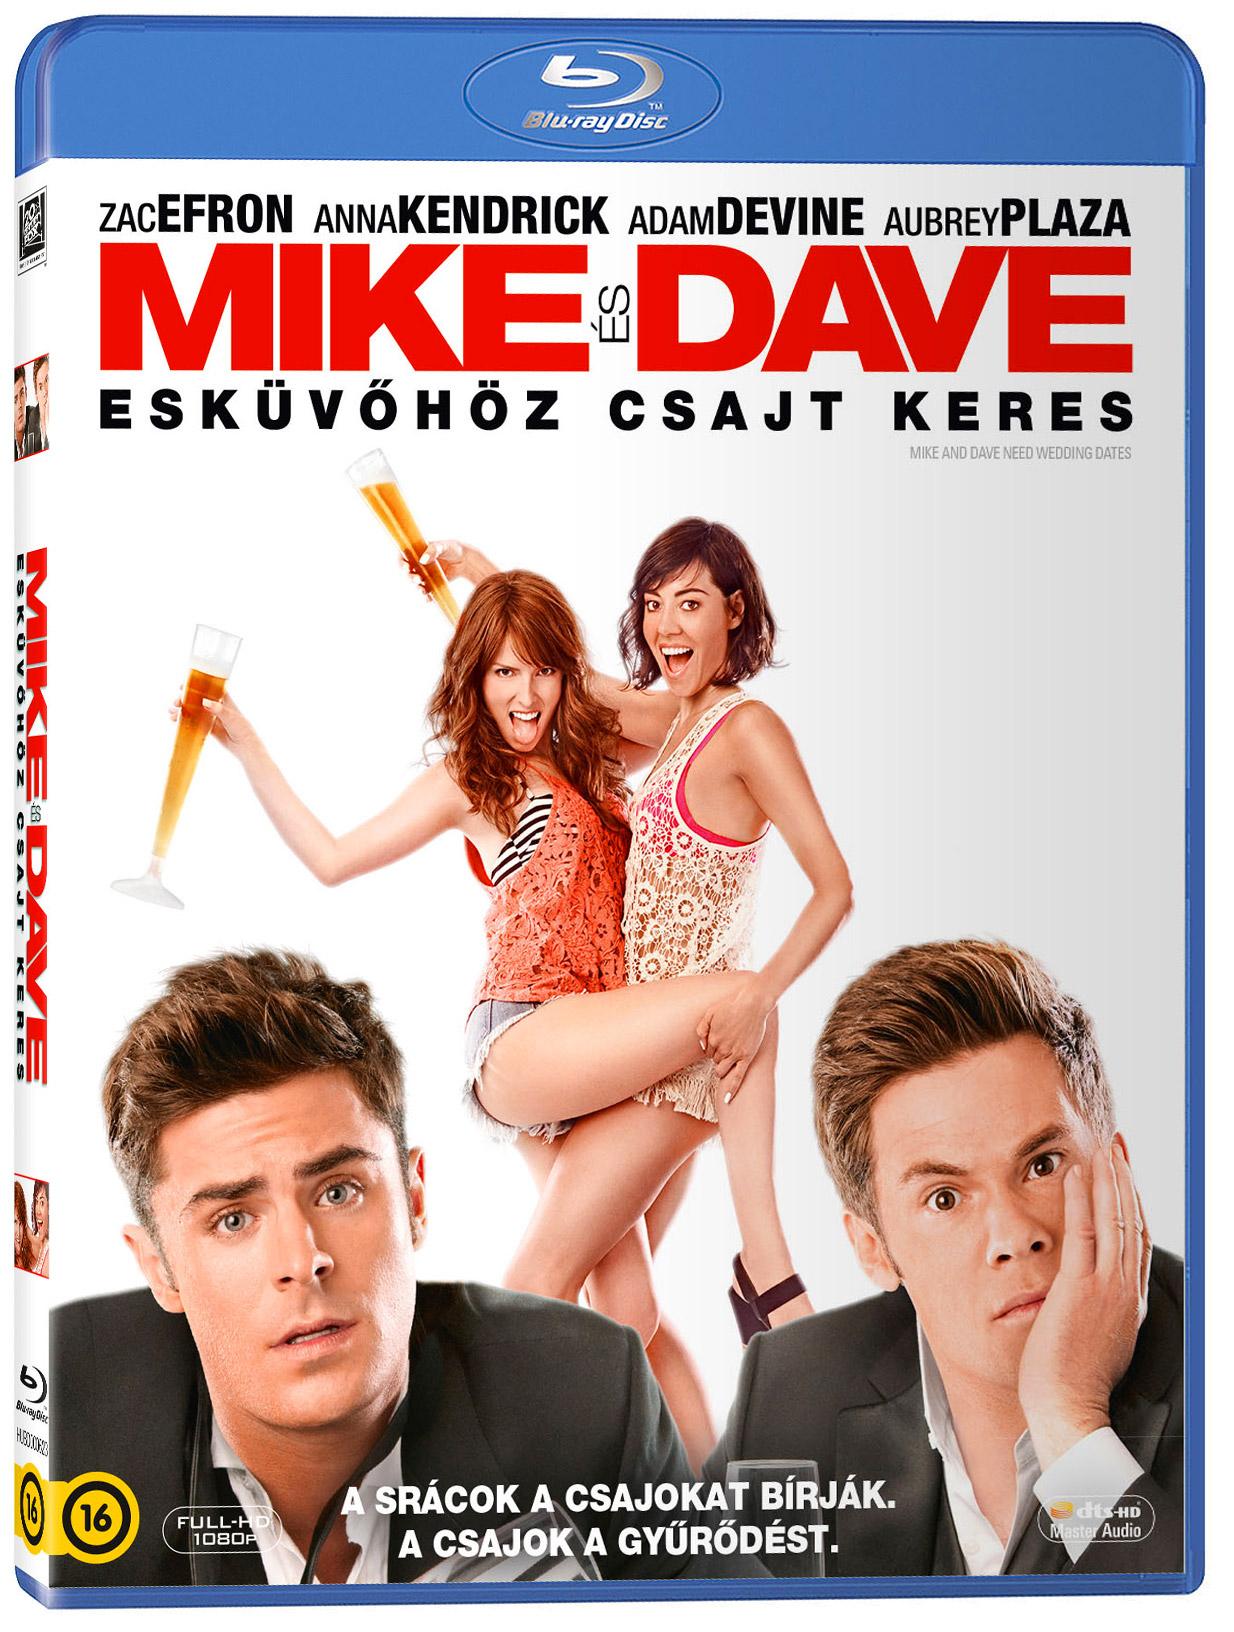 Mike és Dave esküvőhöz csajt keres Blu-ray